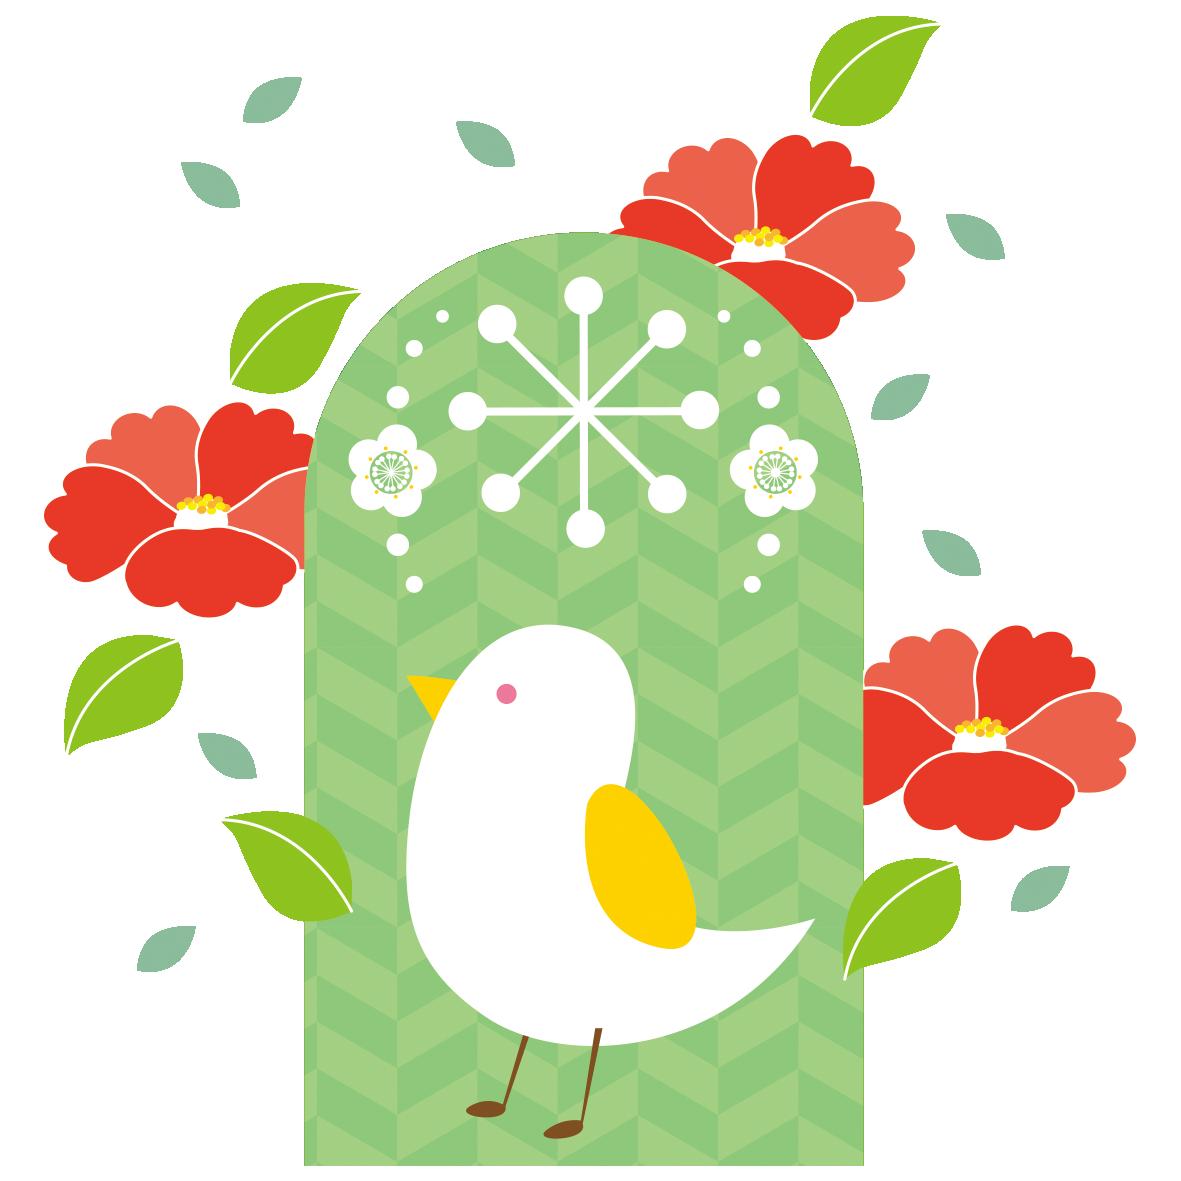 白い小鳥と赤い椿の花 無料イラスト愛